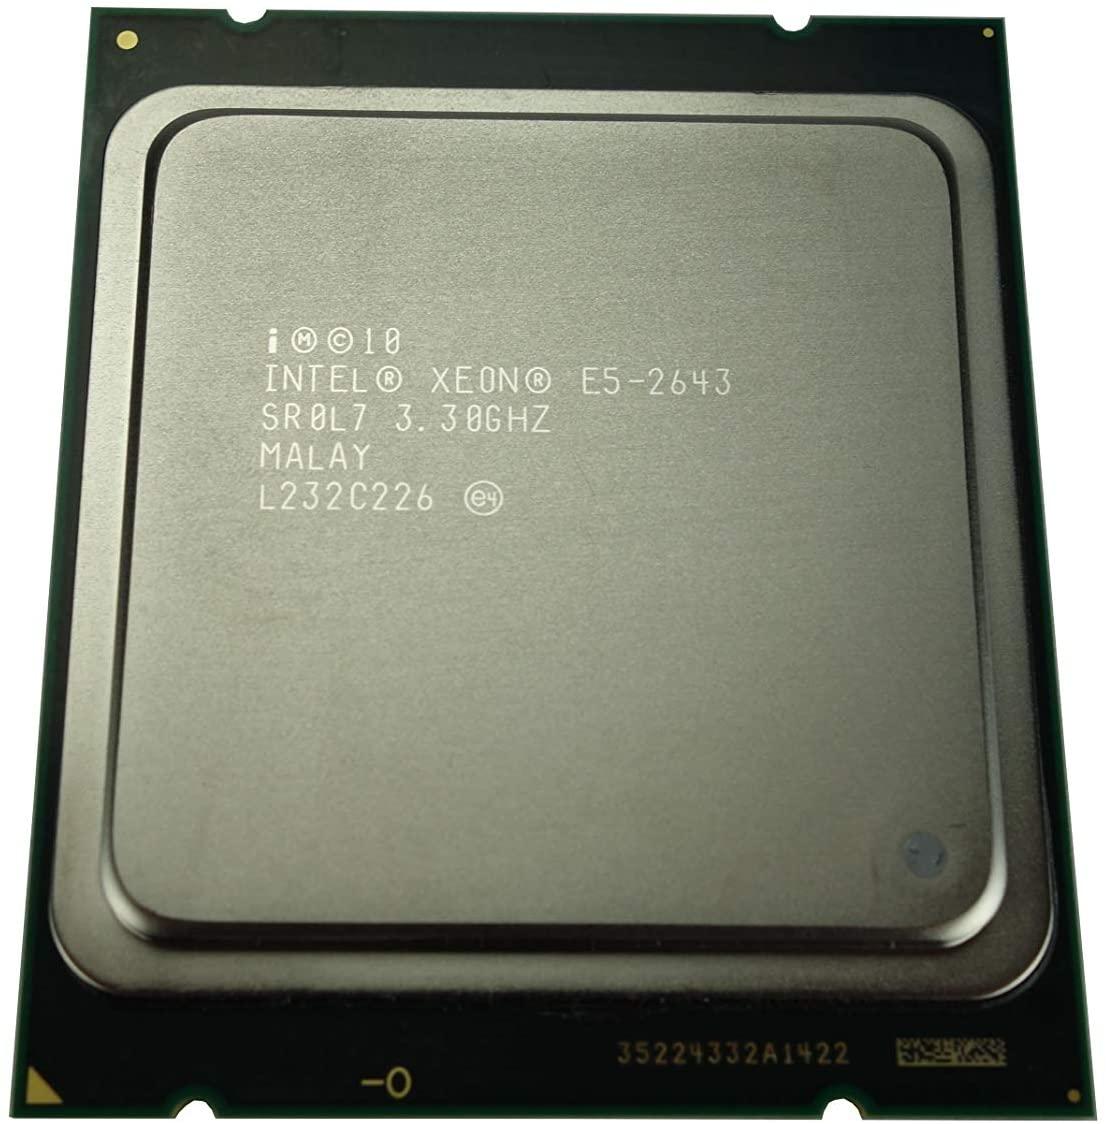 Intel Xeon E5-2643 3.33GHz 10MB Quad Core 130W LGA2011 SR0L7 CM8062107185605 (Certified Refurbished)